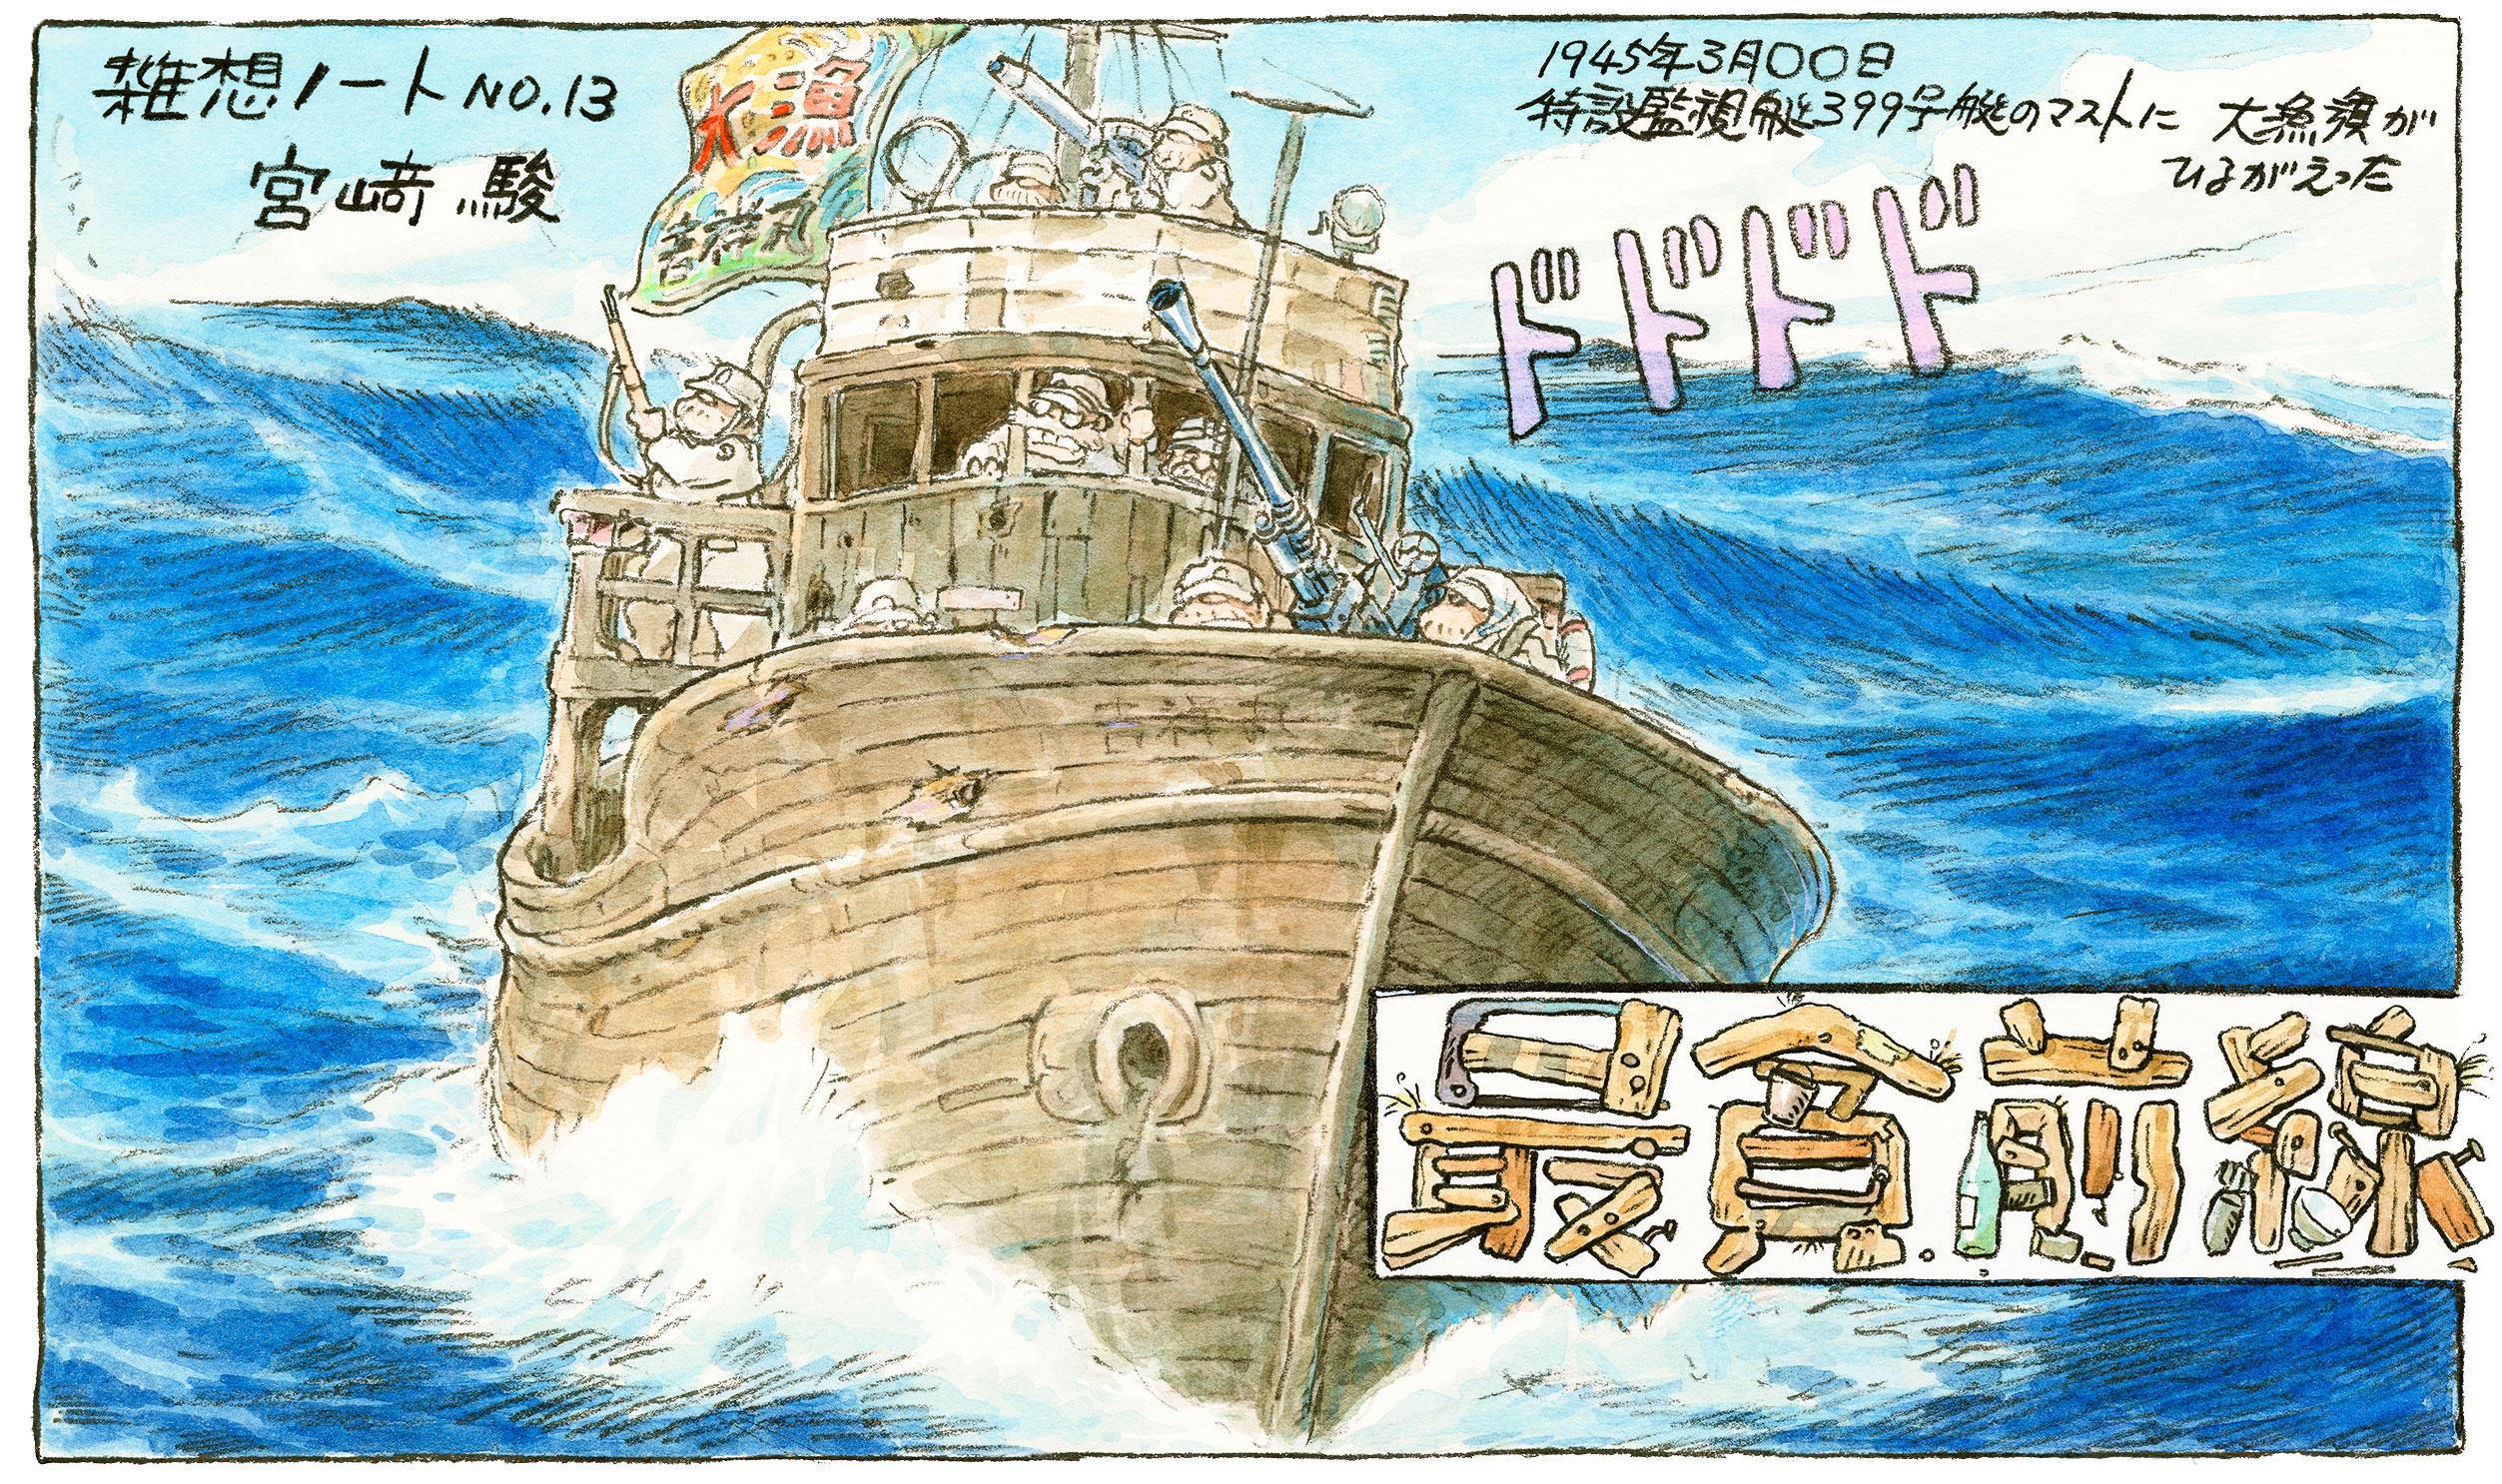 【予定枚数終了】水戸芸術館 30周年記念事業最貧前線『宮崎駿の雑想ノートより』